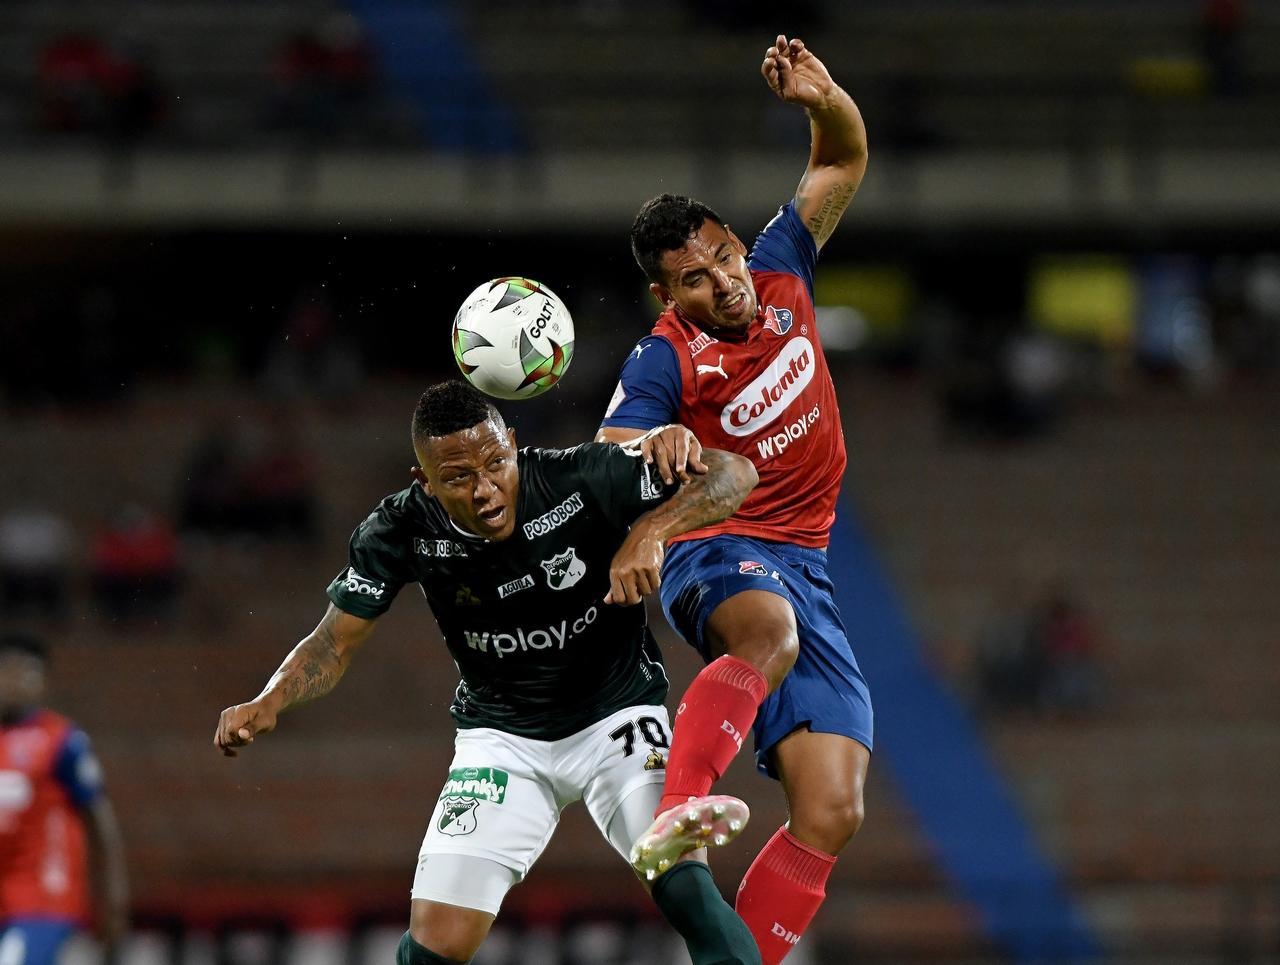 Medellin vs Cali en la Copa 2